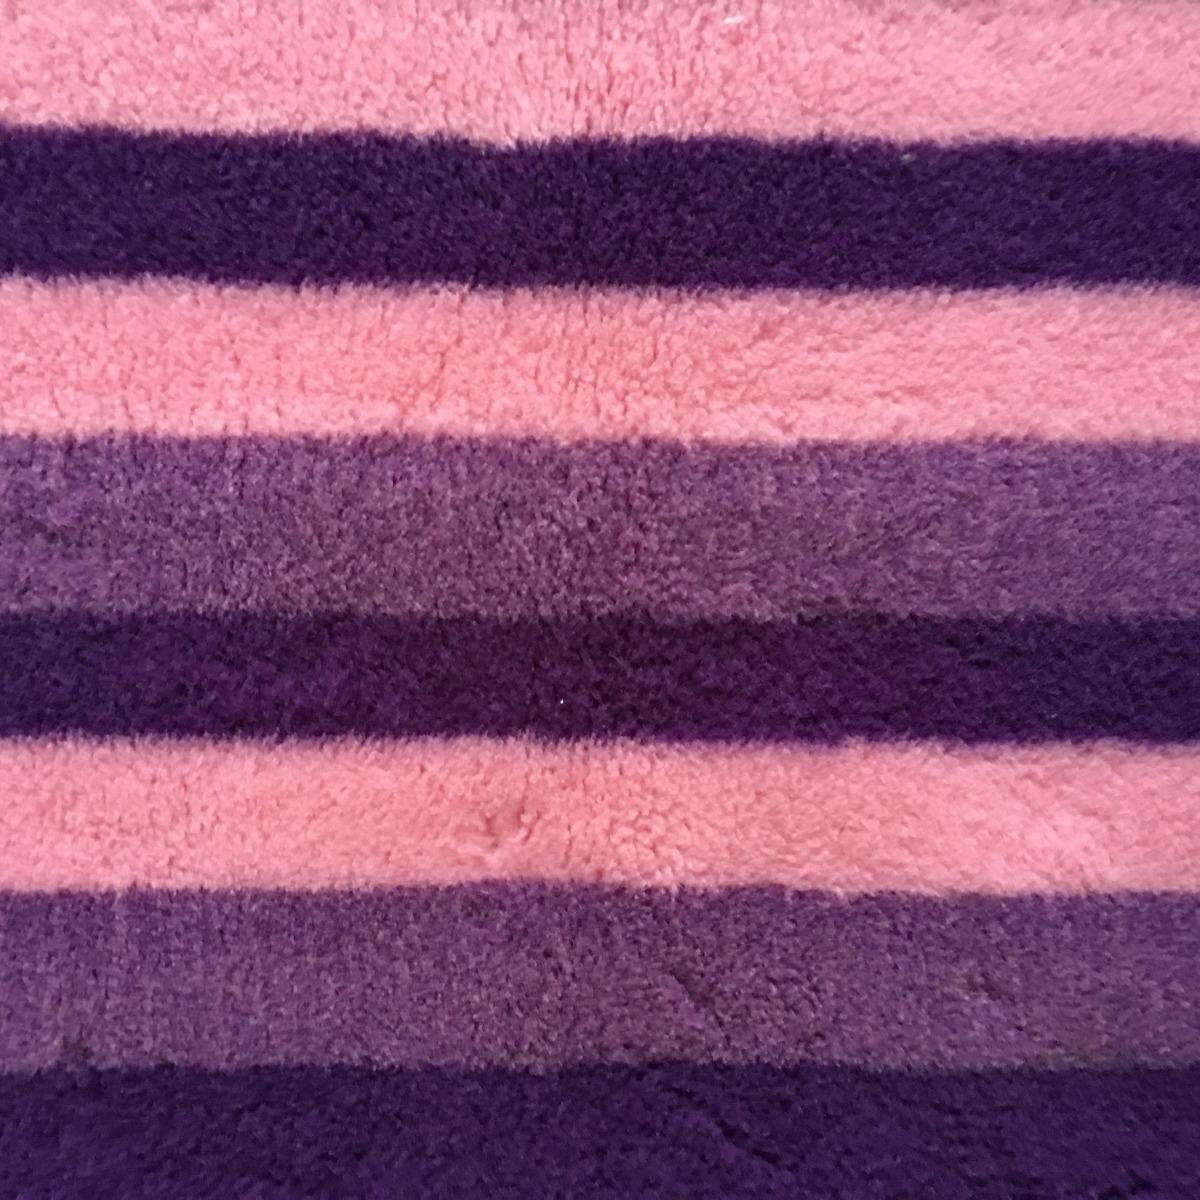 Let bij het vergelijken van Vetbedden op de poolhoogte en het gramsgewicht/m2!  Formaat 150 x 100 cm. Premium kwaliteit met anti-slip backing. Waterdoorlatend, warmte isolerend. Anti-allergeen. Uitstekende kwaliteit, 1700 gr/m2 poolhoogte 22 mm! Ideaal voor pups en in de mand of werpkist. Kleuren: streepmotief met diverse tinten paars en roze.  Tips:  Latex anti-slip is wasbaar op 40 graden. Kan in de droger. (op de koudste stand) Niet in de volle zon drogen, latex is een natuurproduct.